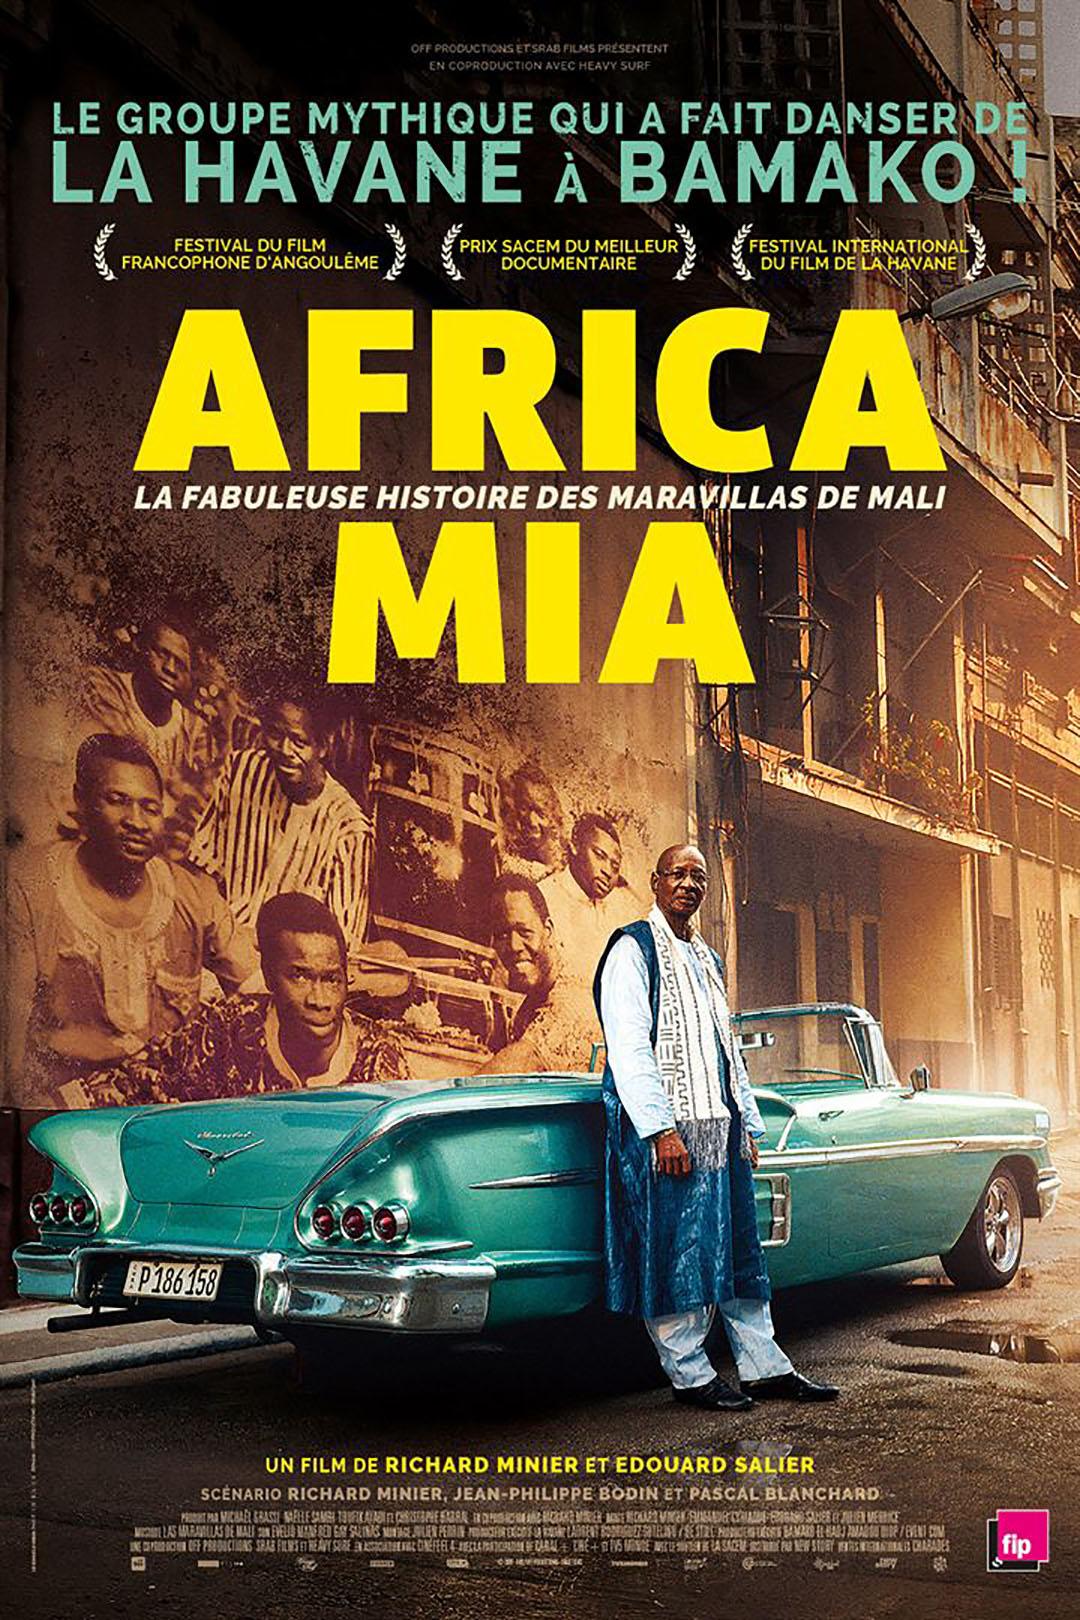 """""""Africa Mia"""", réalisé par Richard Minier avec l'appui d'Edouard Salier, raconte ce qu'ont vécu les musiciens maliens partis à Cuba et leur succès international. Il sort le 16 septembre."""